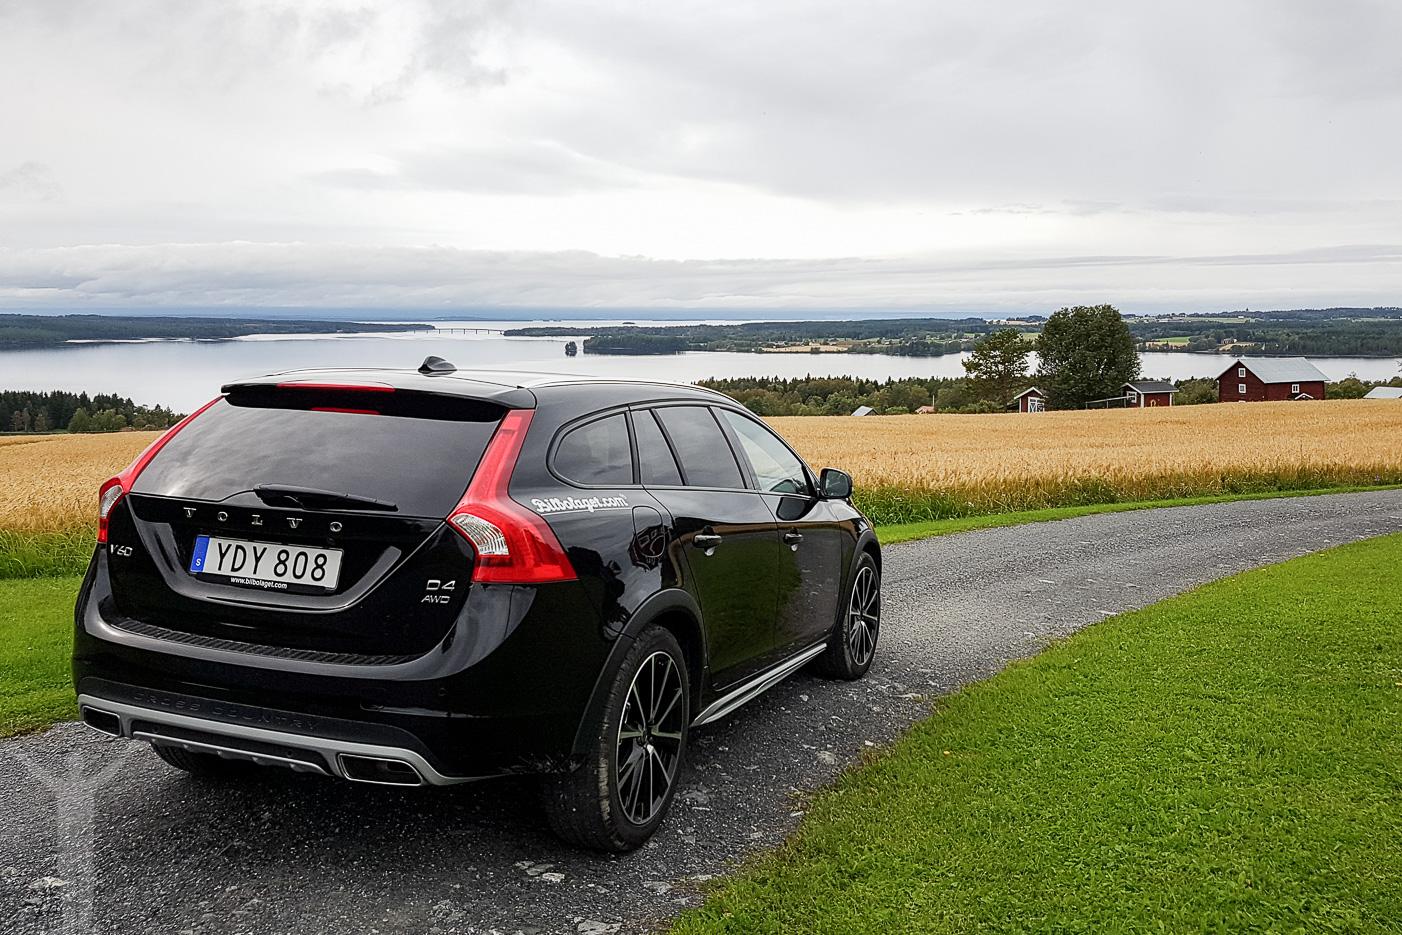 Volvo V60 Crosscountry med Jämtland som kuliss.